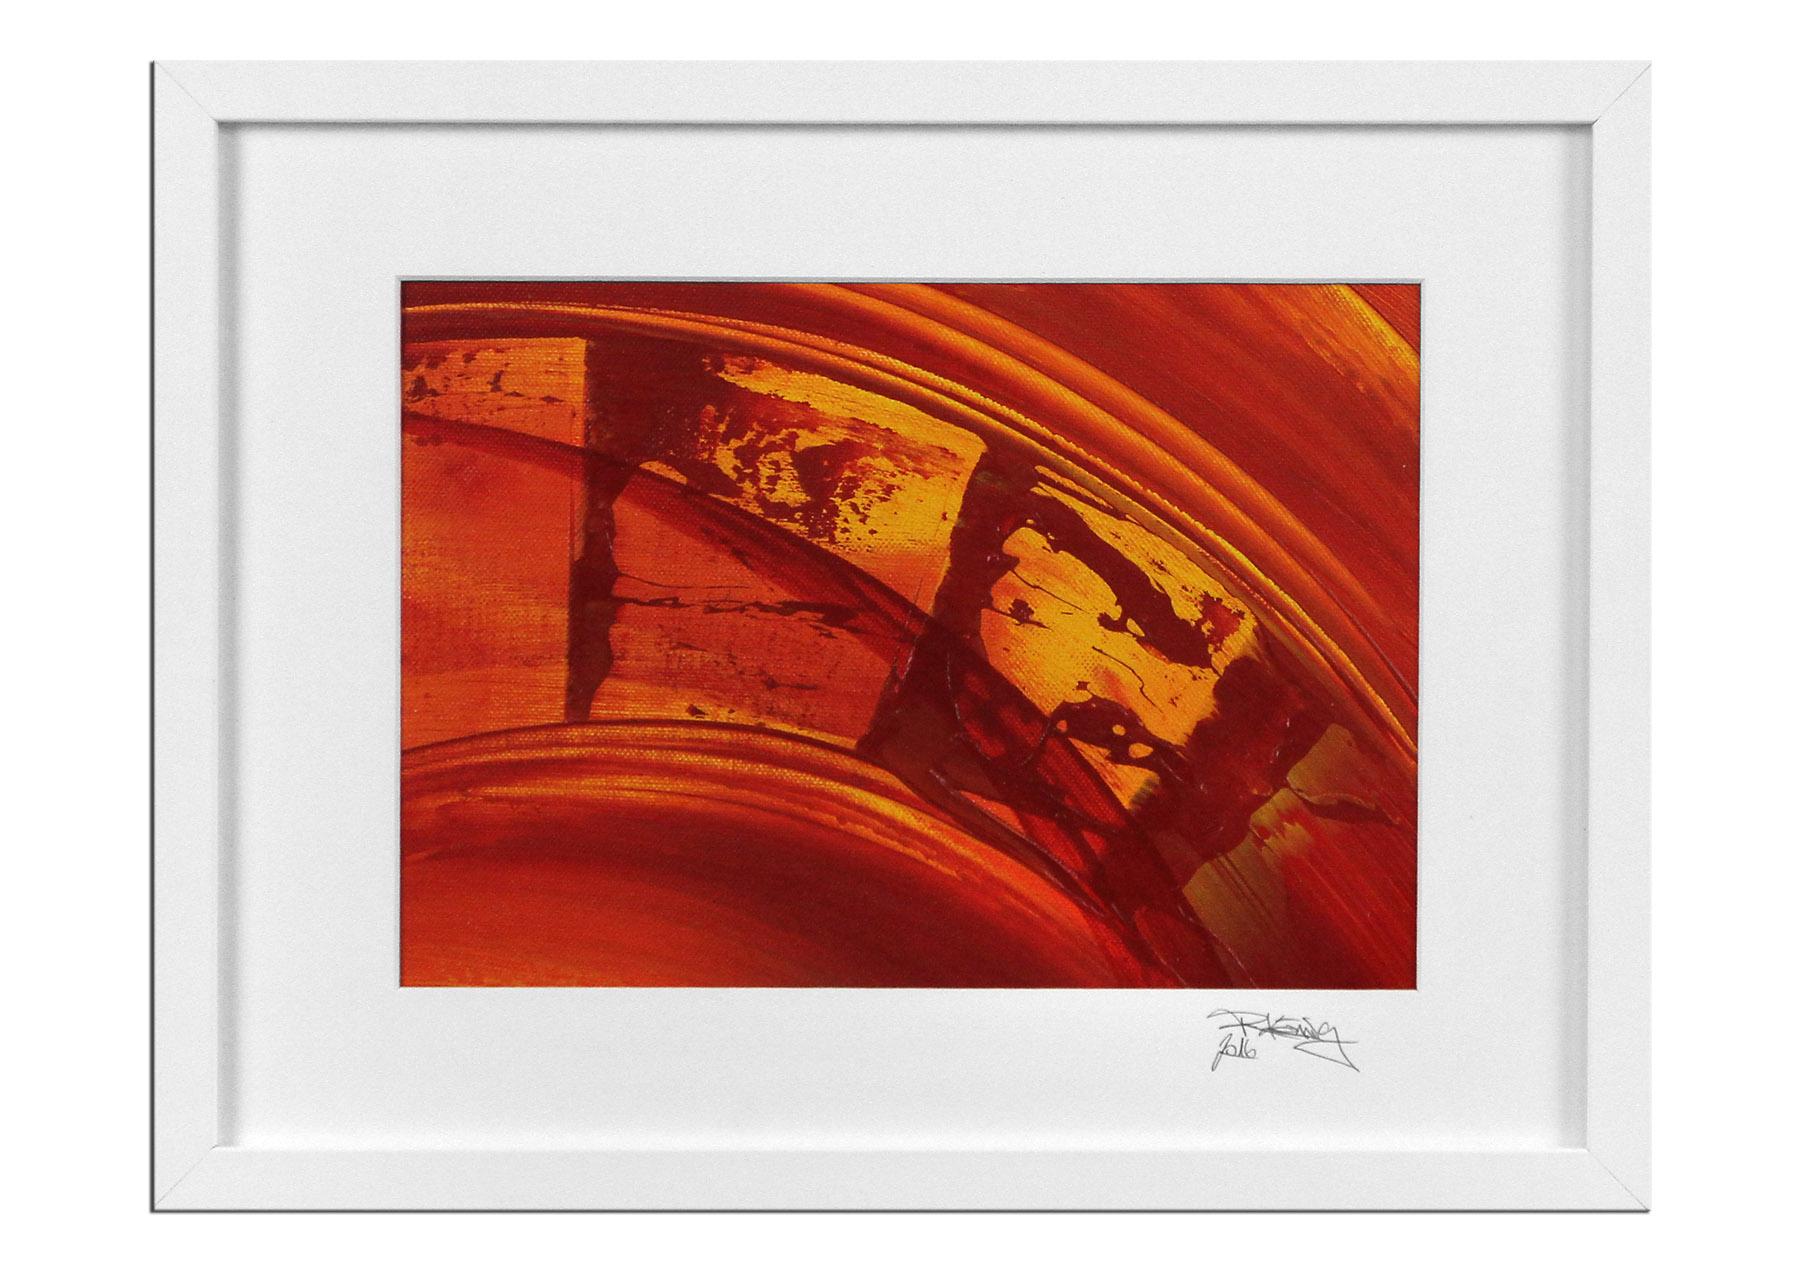 rot abstrakte acrylbilder shop acrylbilder abstrakt acrylbilder galerie kunst online. Black Bedroom Furniture Sets. Home Design Ideas